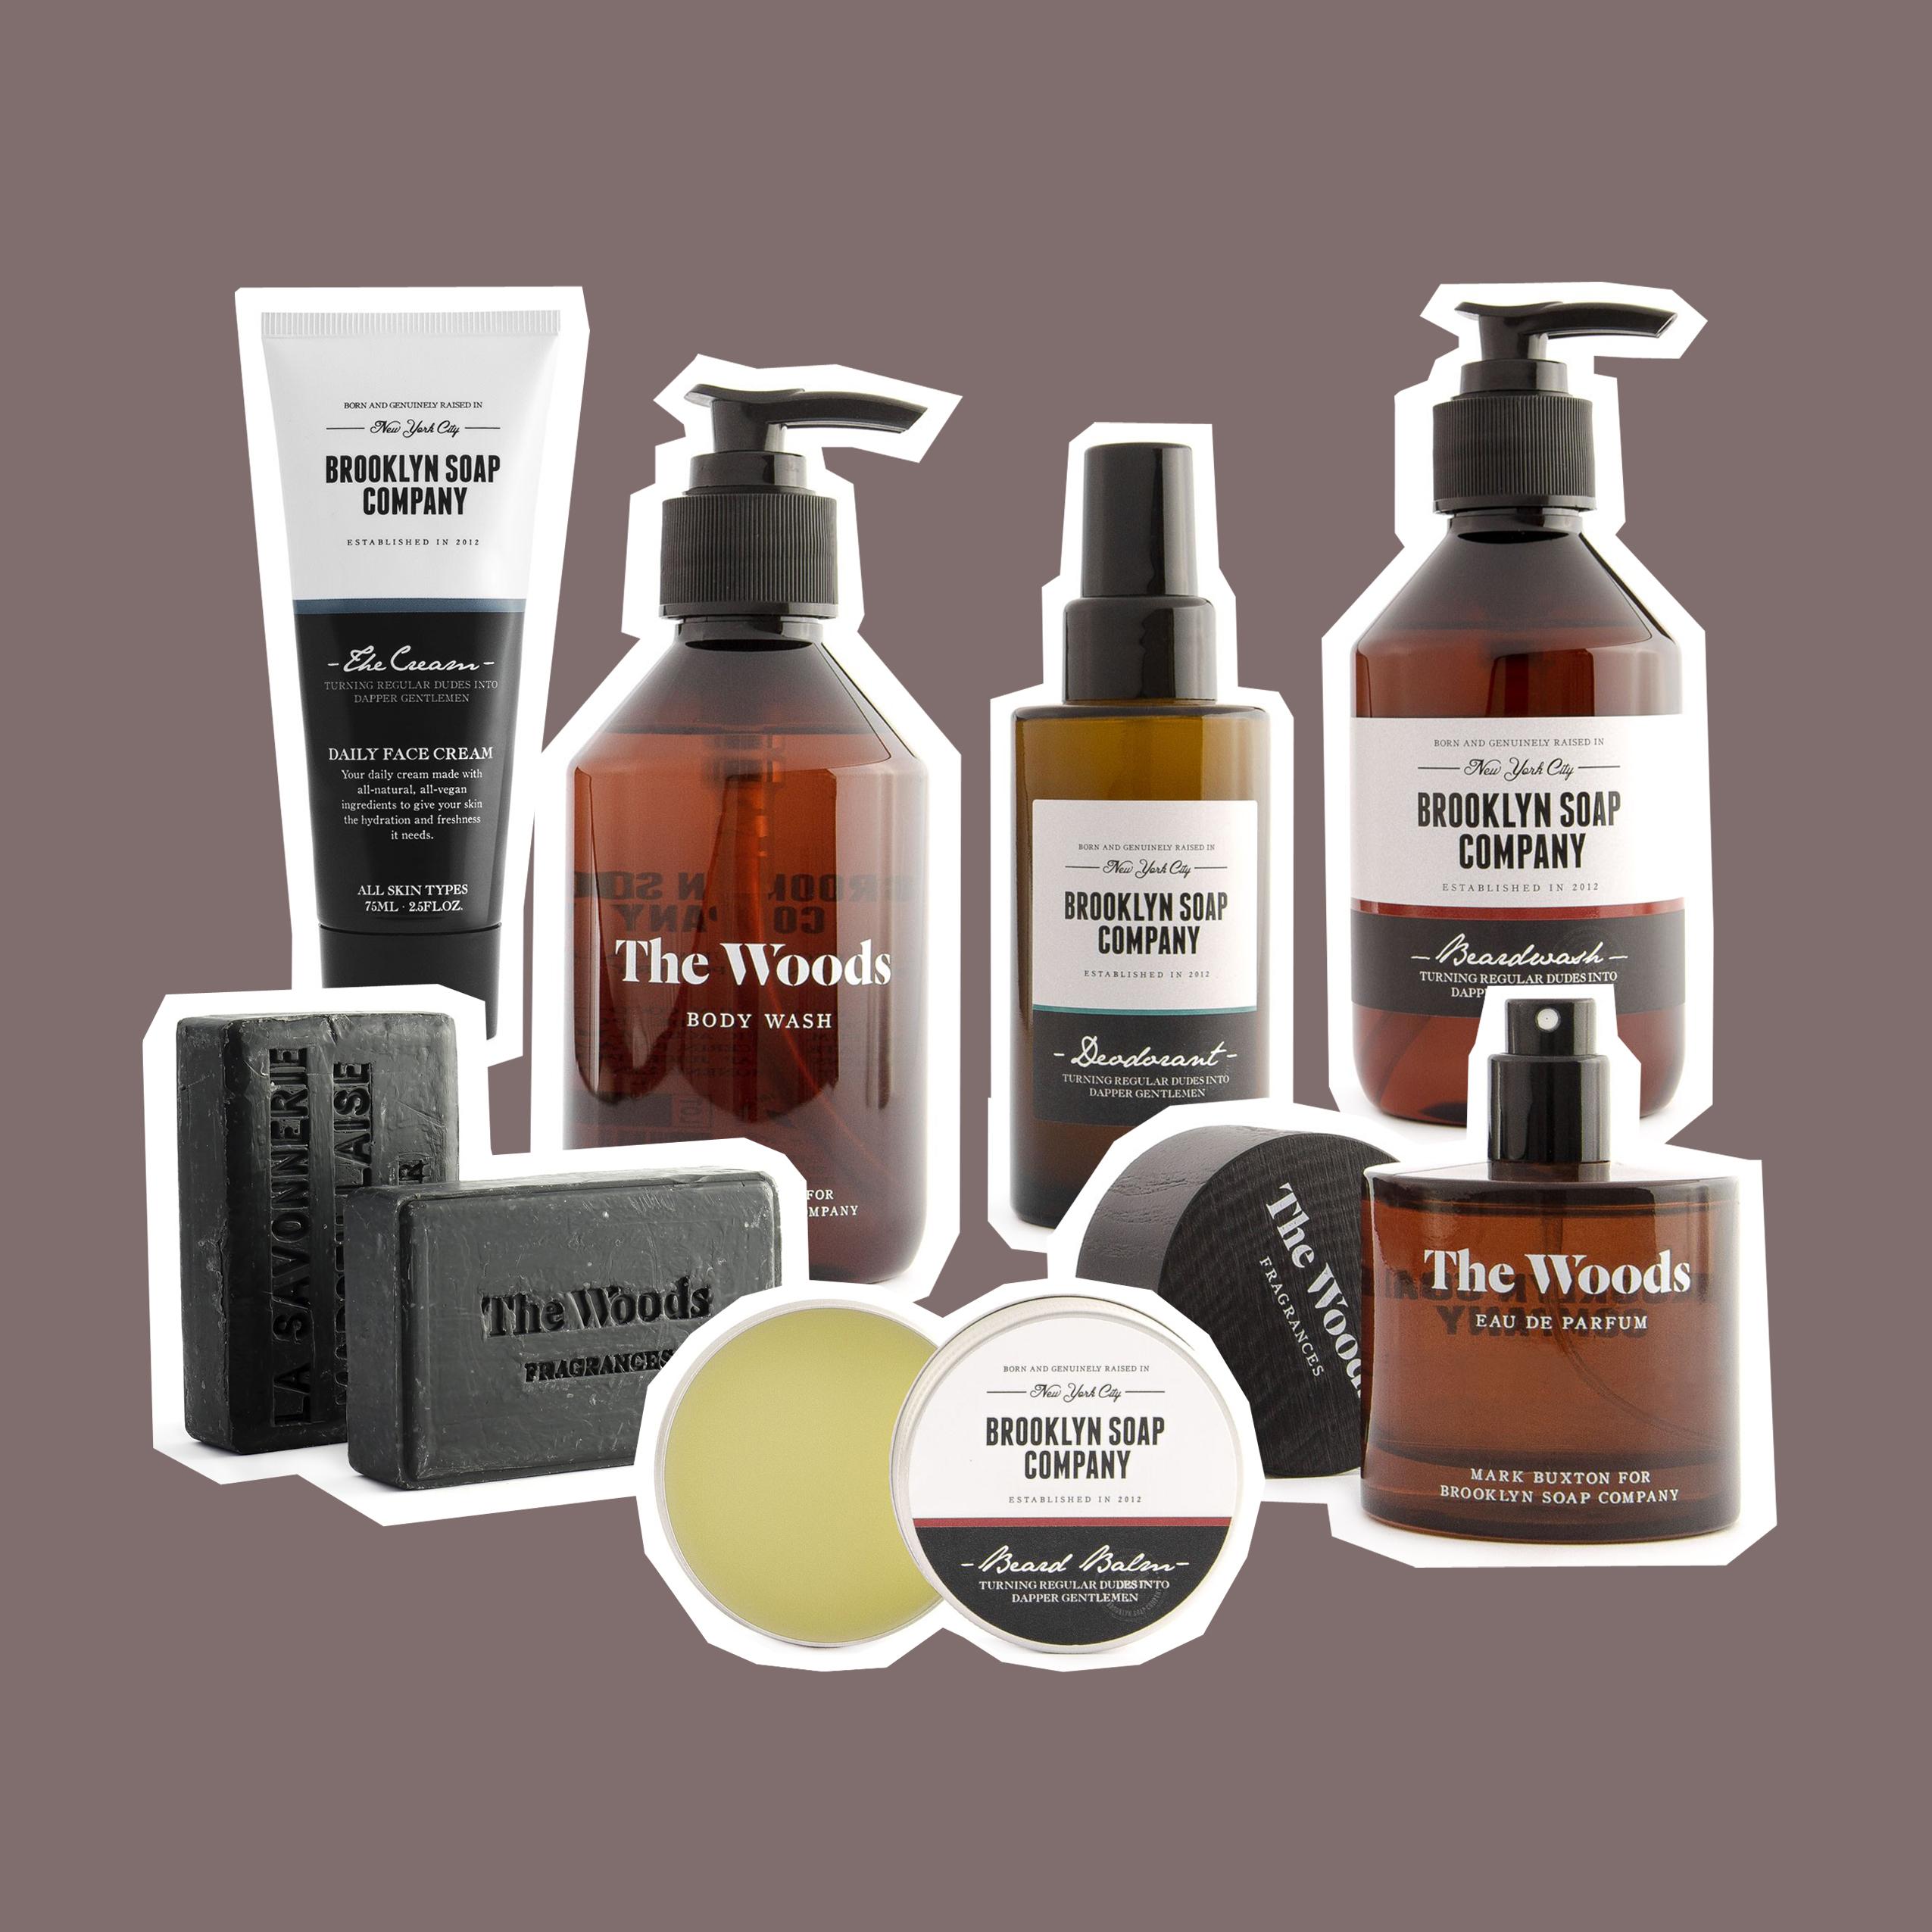 naturkosmetik-für-männer-brooklyn-soap-company